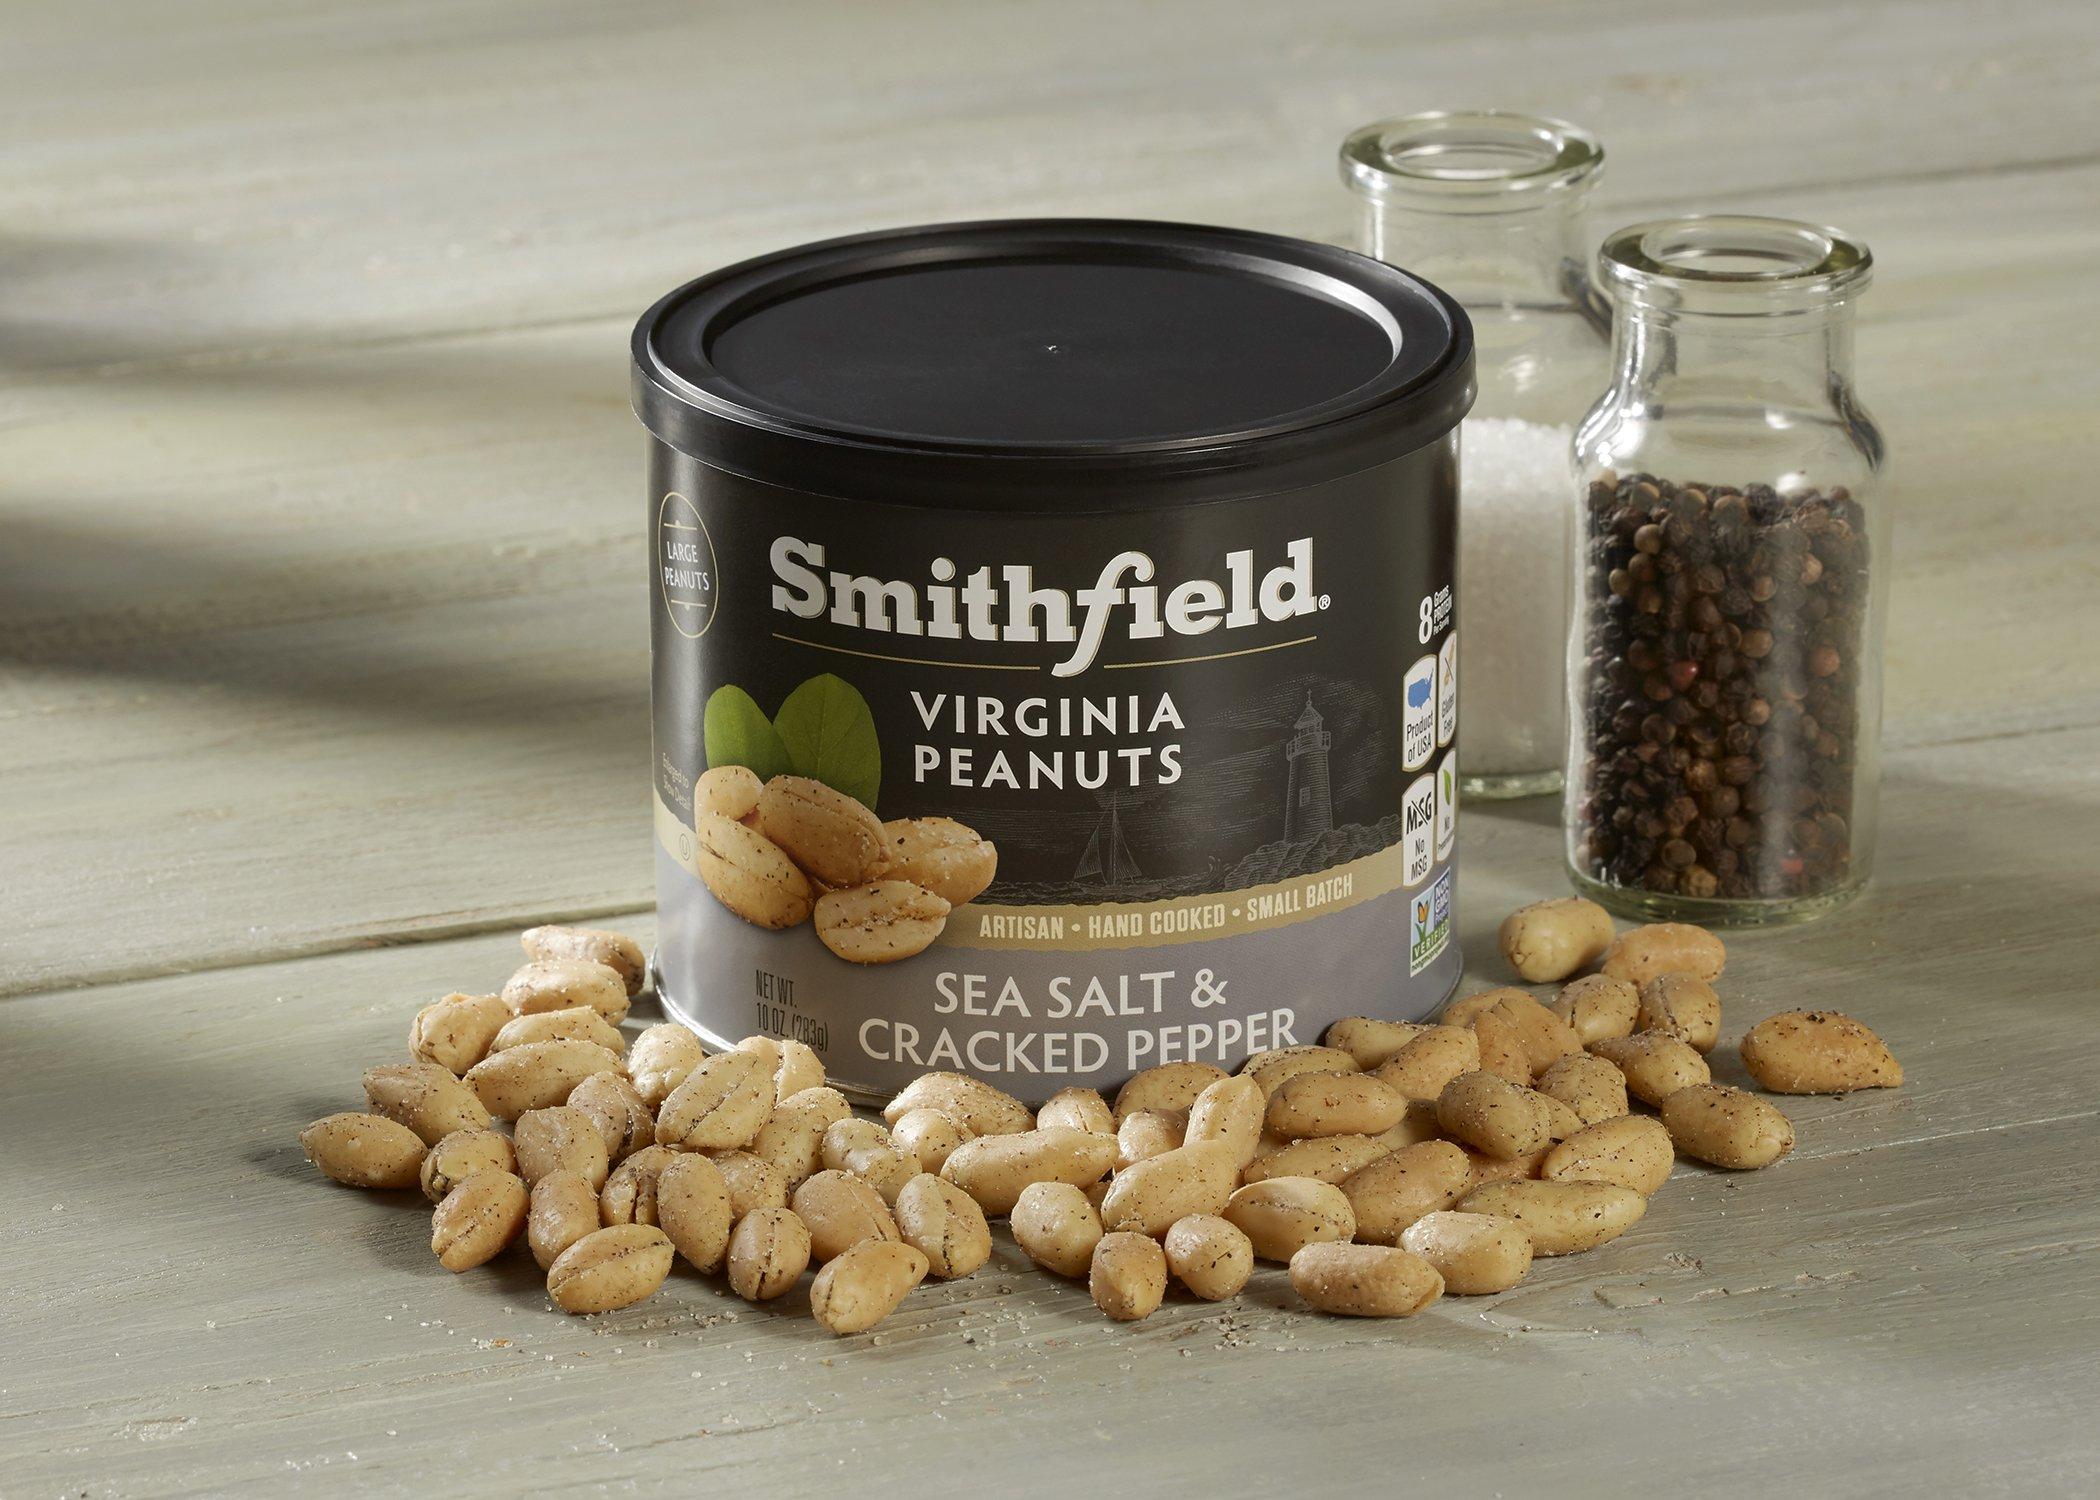 Smithfield Specialty Foods Sea Salt & Cracked Pepper Virginia Peanuts, Sea Salt and Cracked Pepper, 10 Ounce